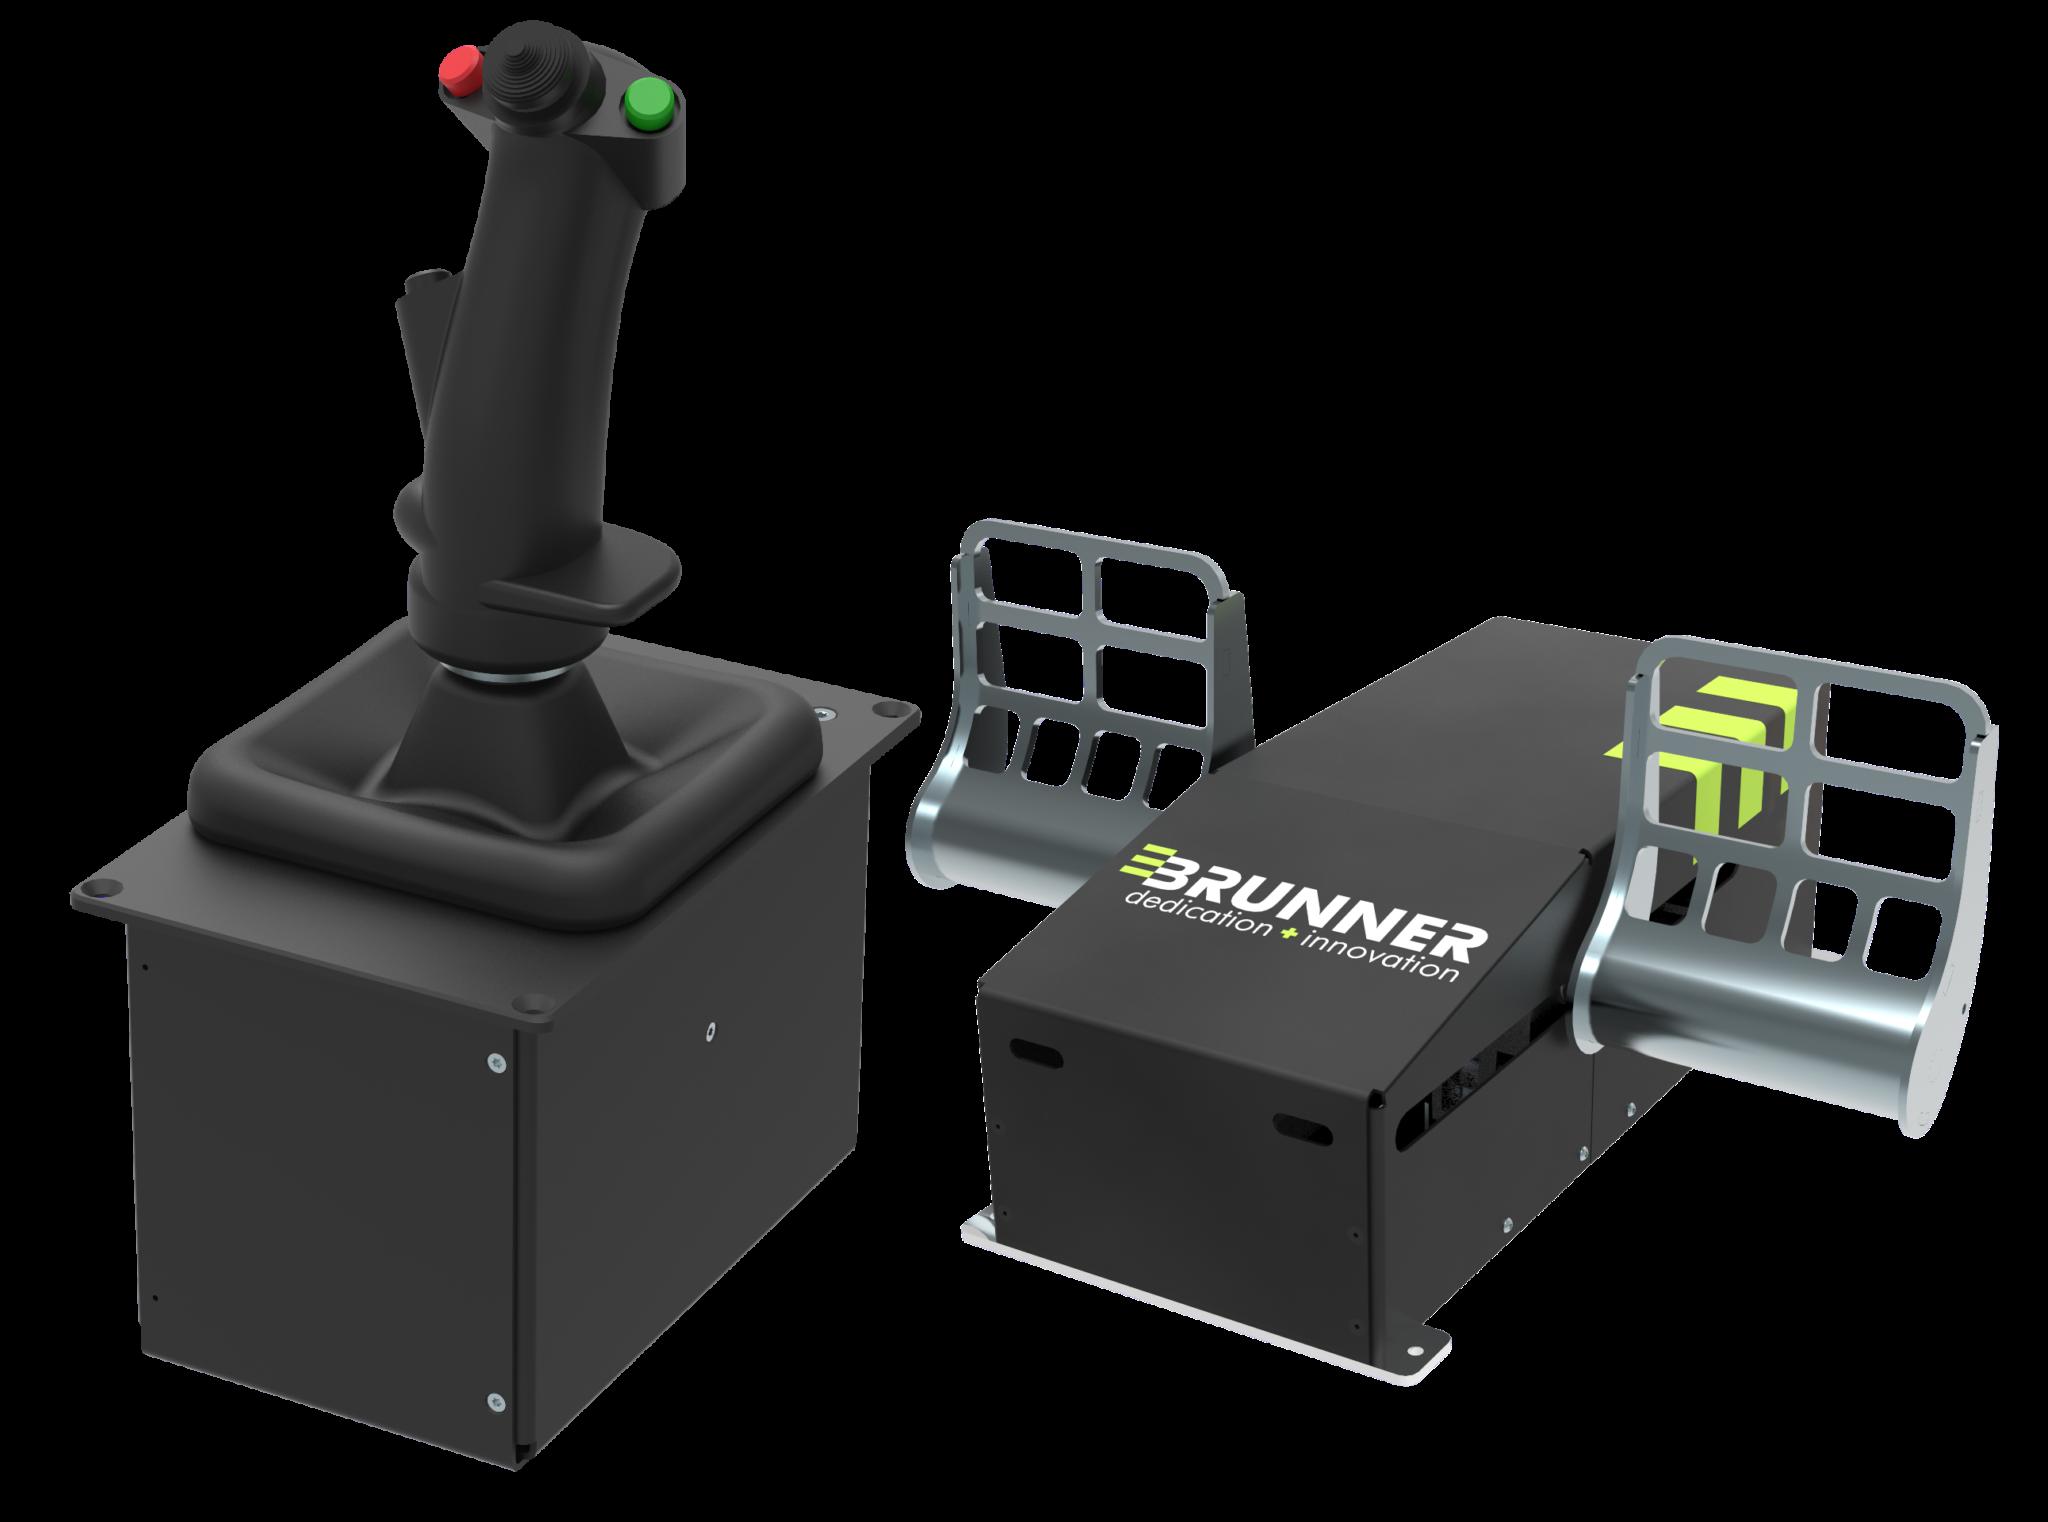 CLS-E Rudder & CLS-E Joystick BRUNNER JET including Grip